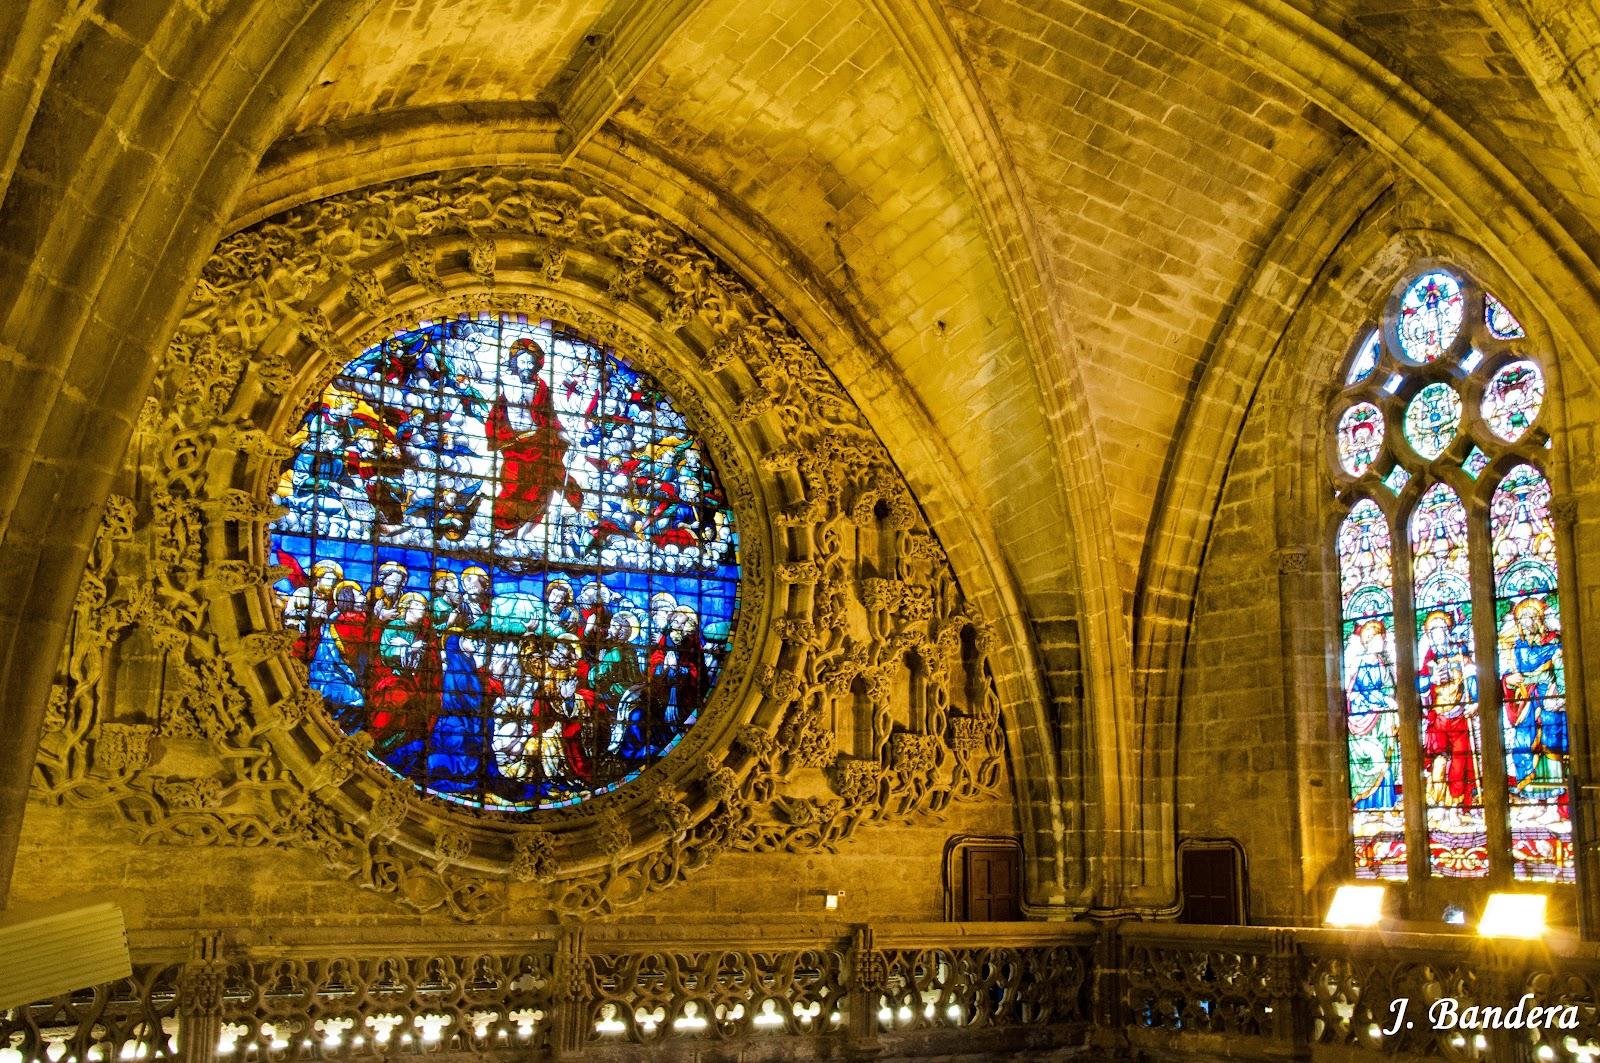 Las fotograf as de bandera la catedral desde las alturas for Exterior catedral de sevilla